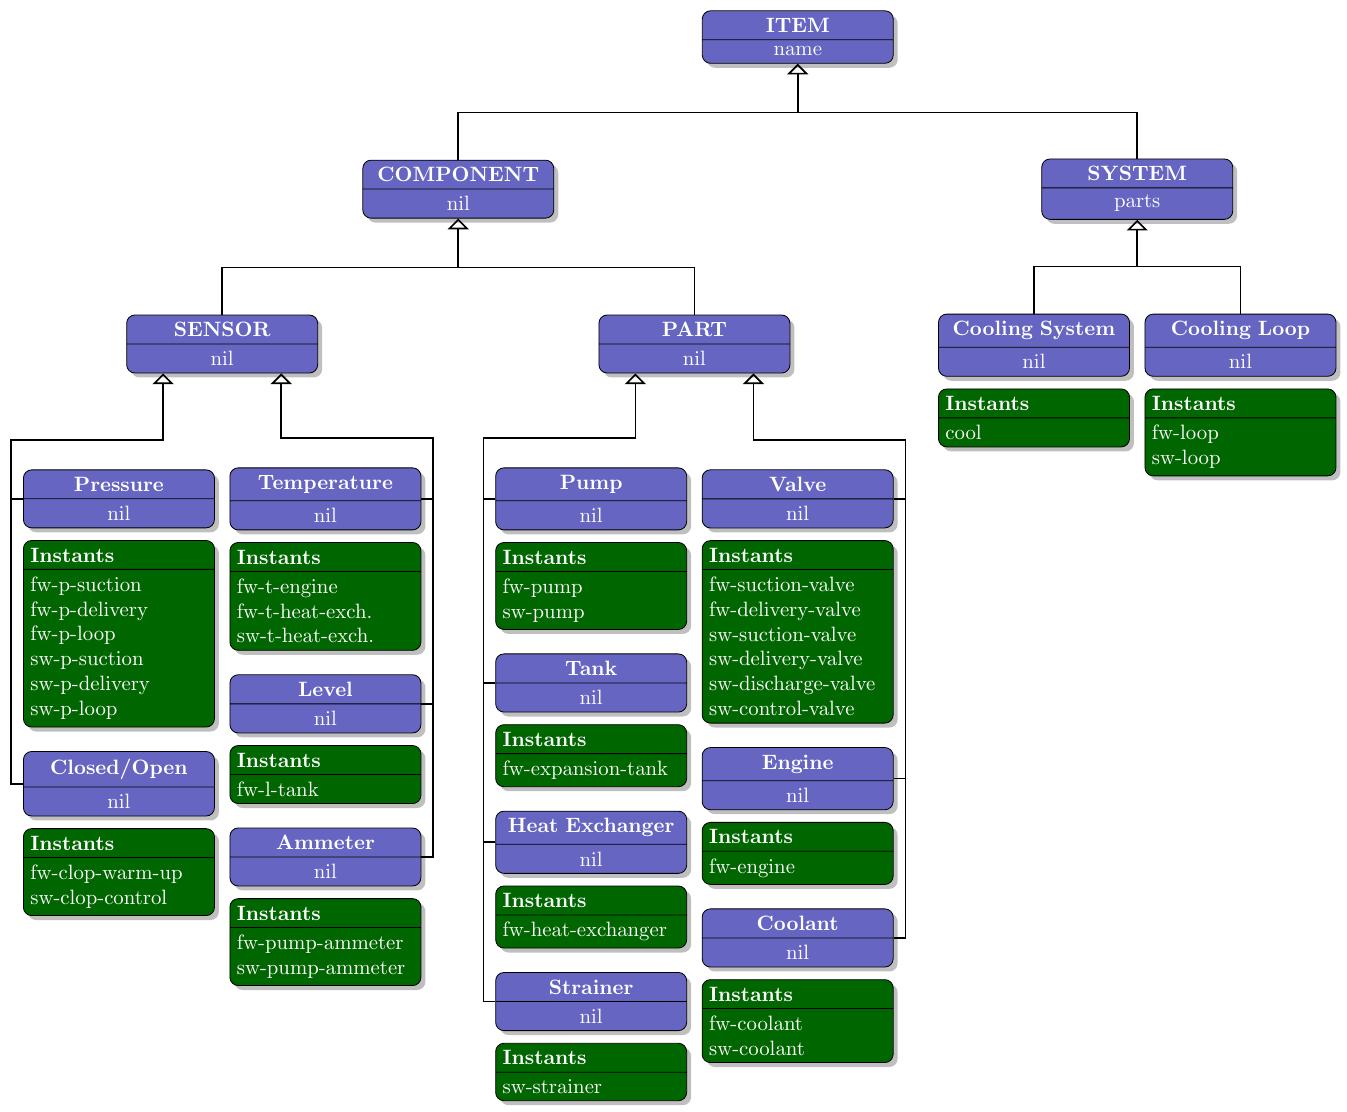 class_diagram+diagram